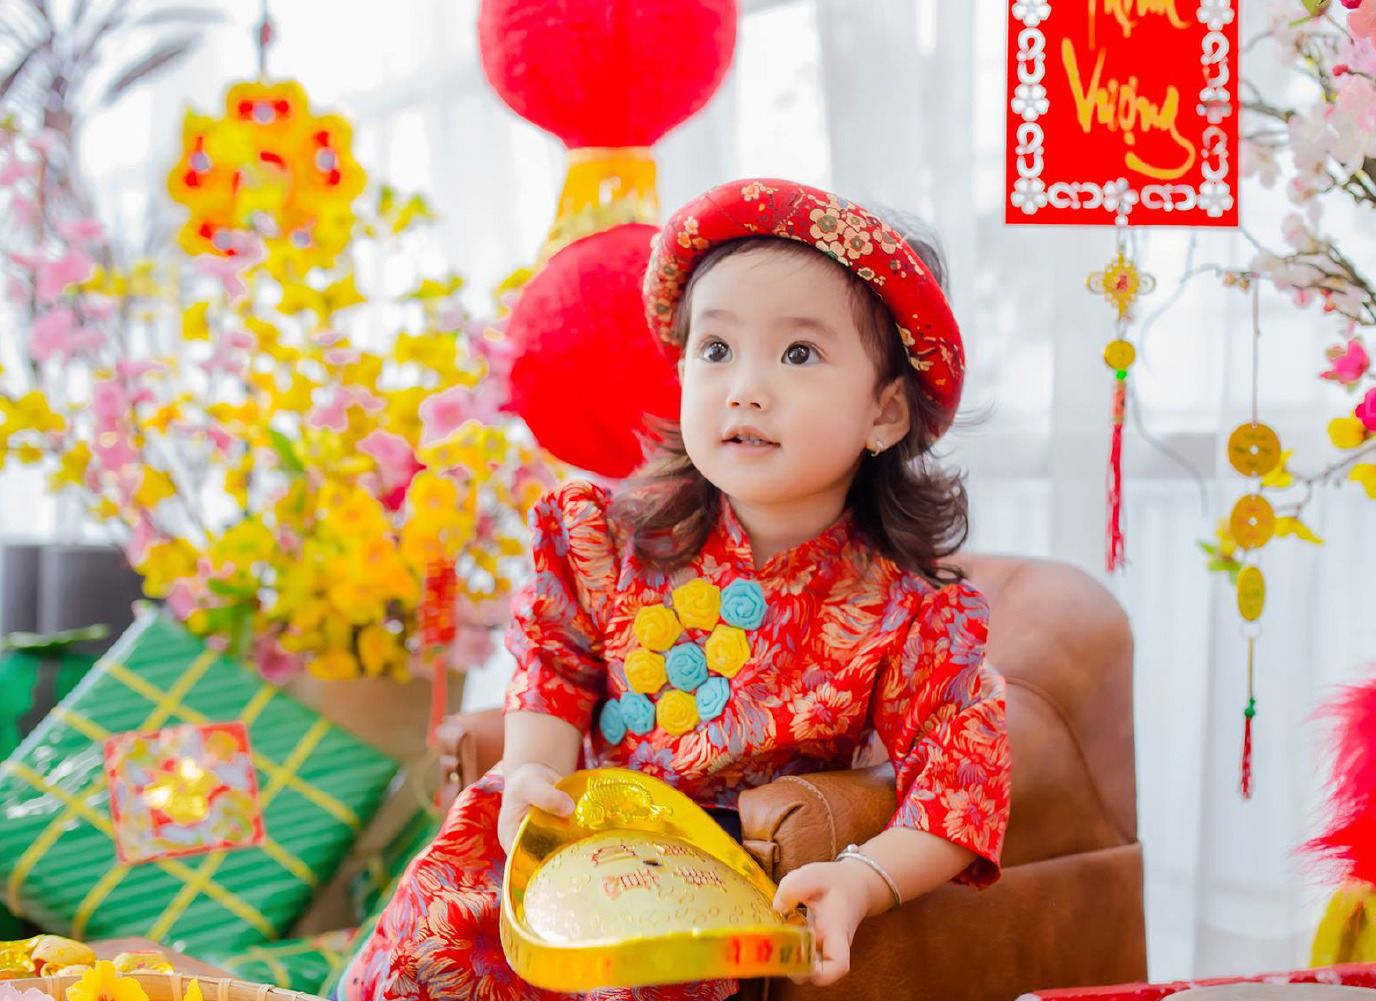 Các món quà tặng bé ngày Tết vô cùng ý nghĩa và hấp dẫn.